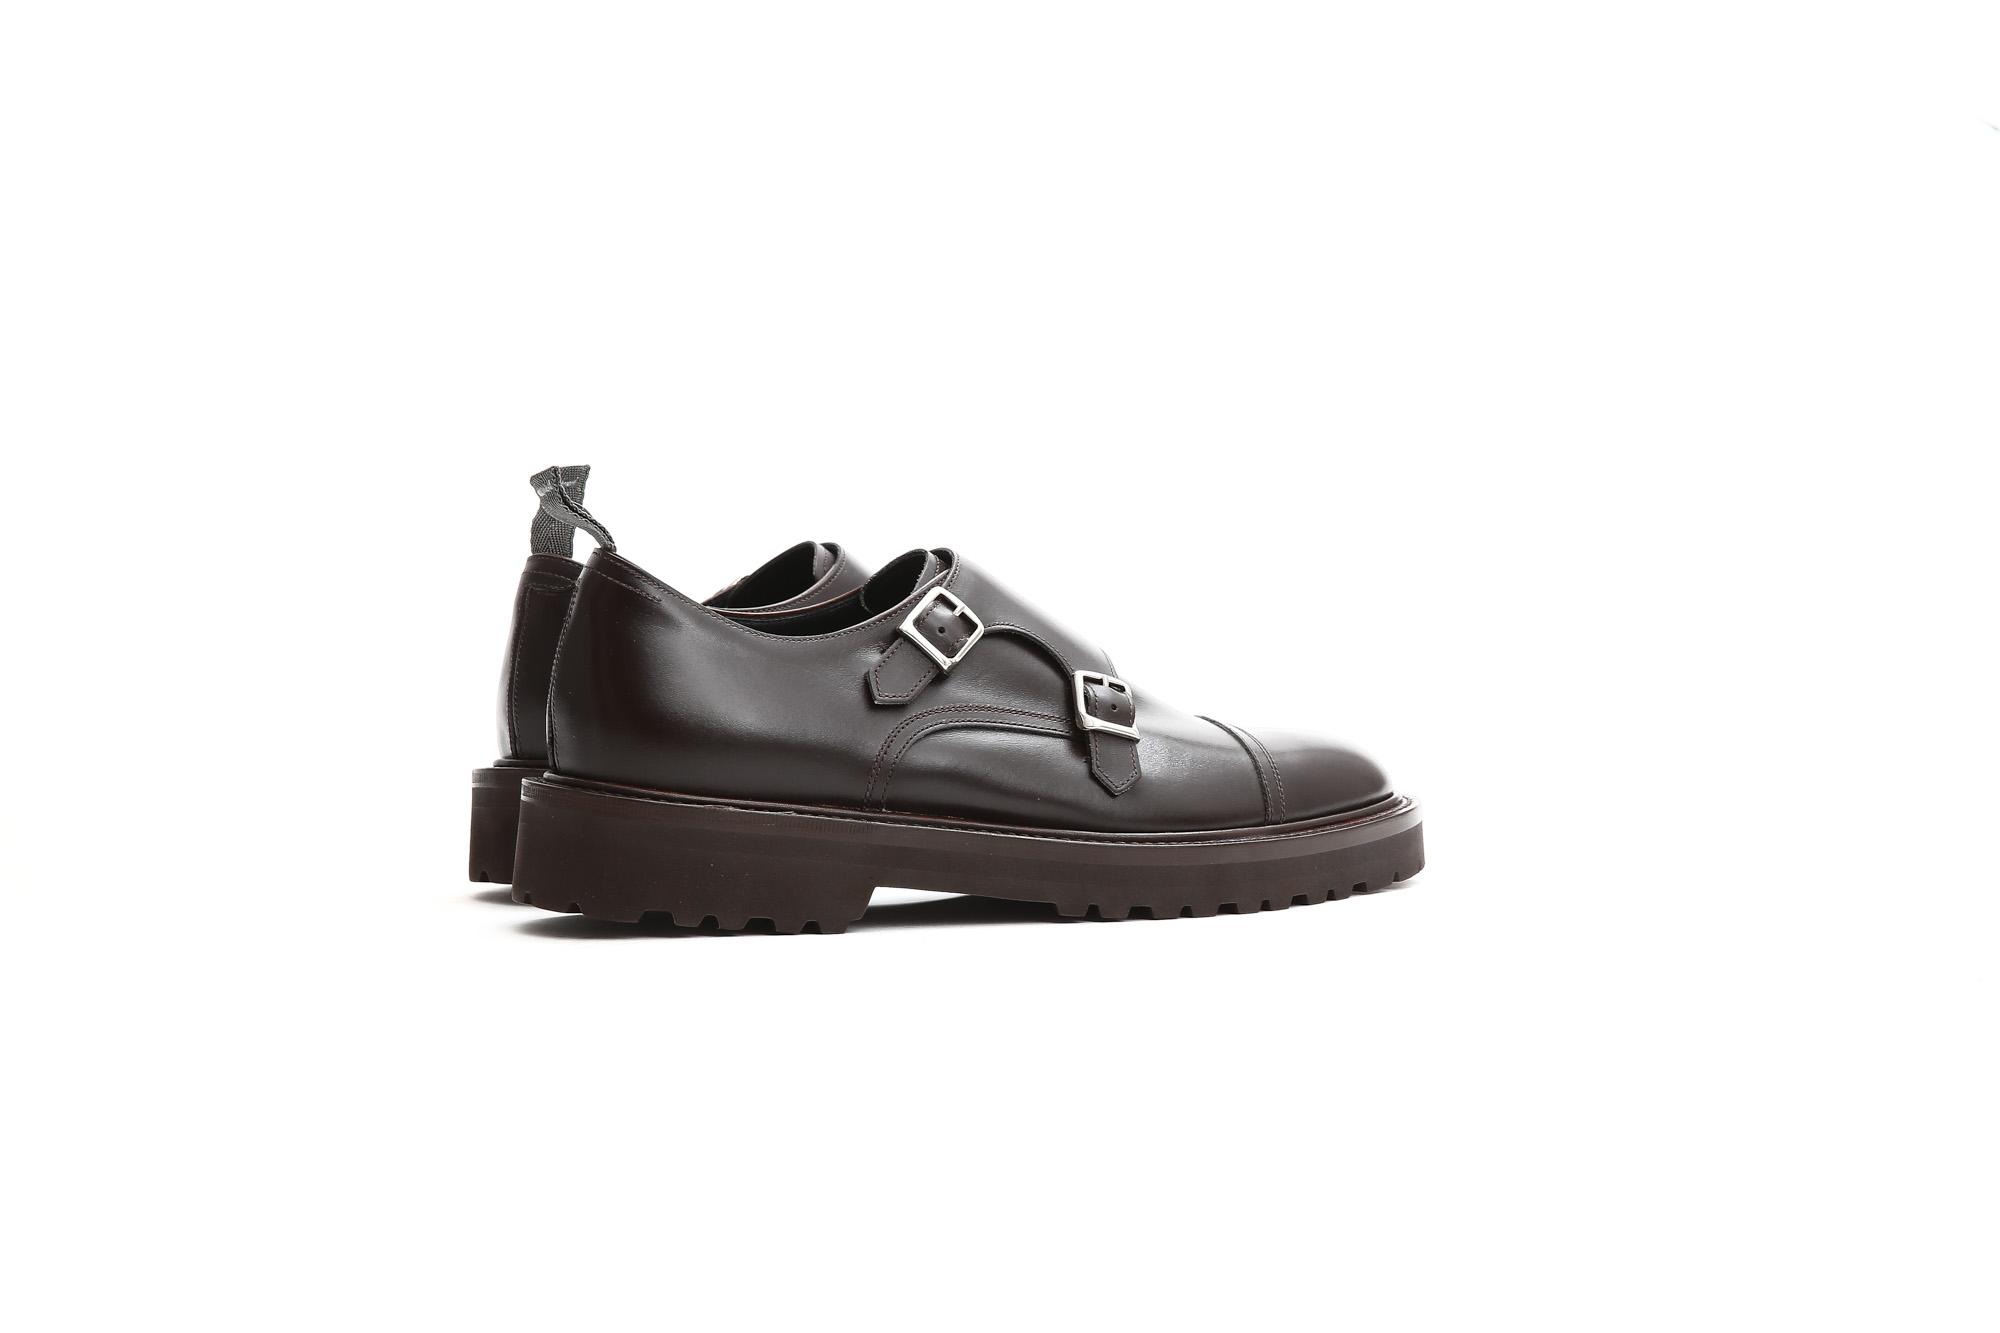 【WH / ダブルエイチ】 【WH-0300(WHS-0300)】 Double Monk Strap Shoes (干場氏 スペシャル モデル) Cruise Last (クルーズラスト) ダブルモンクストラップシューズ DARK BROWN (ダークブラウン) MADE IN JAPAN (日本製) 2018 春夏新作   【干場氏、坪内氏の直筆サイン入り】【Alto e Diritto限定 スペシャルアイテム】 wh 干場さん 干場スペシャル FORZASTYLE フォルザスタイル 愛知 名古屋 Alto e Diritto アルト エ デリット